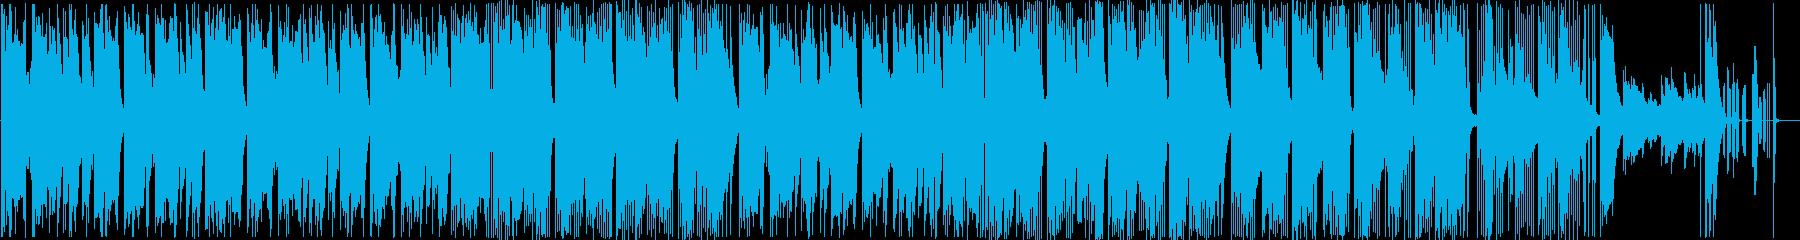 猫型トラップの再生済みの波形